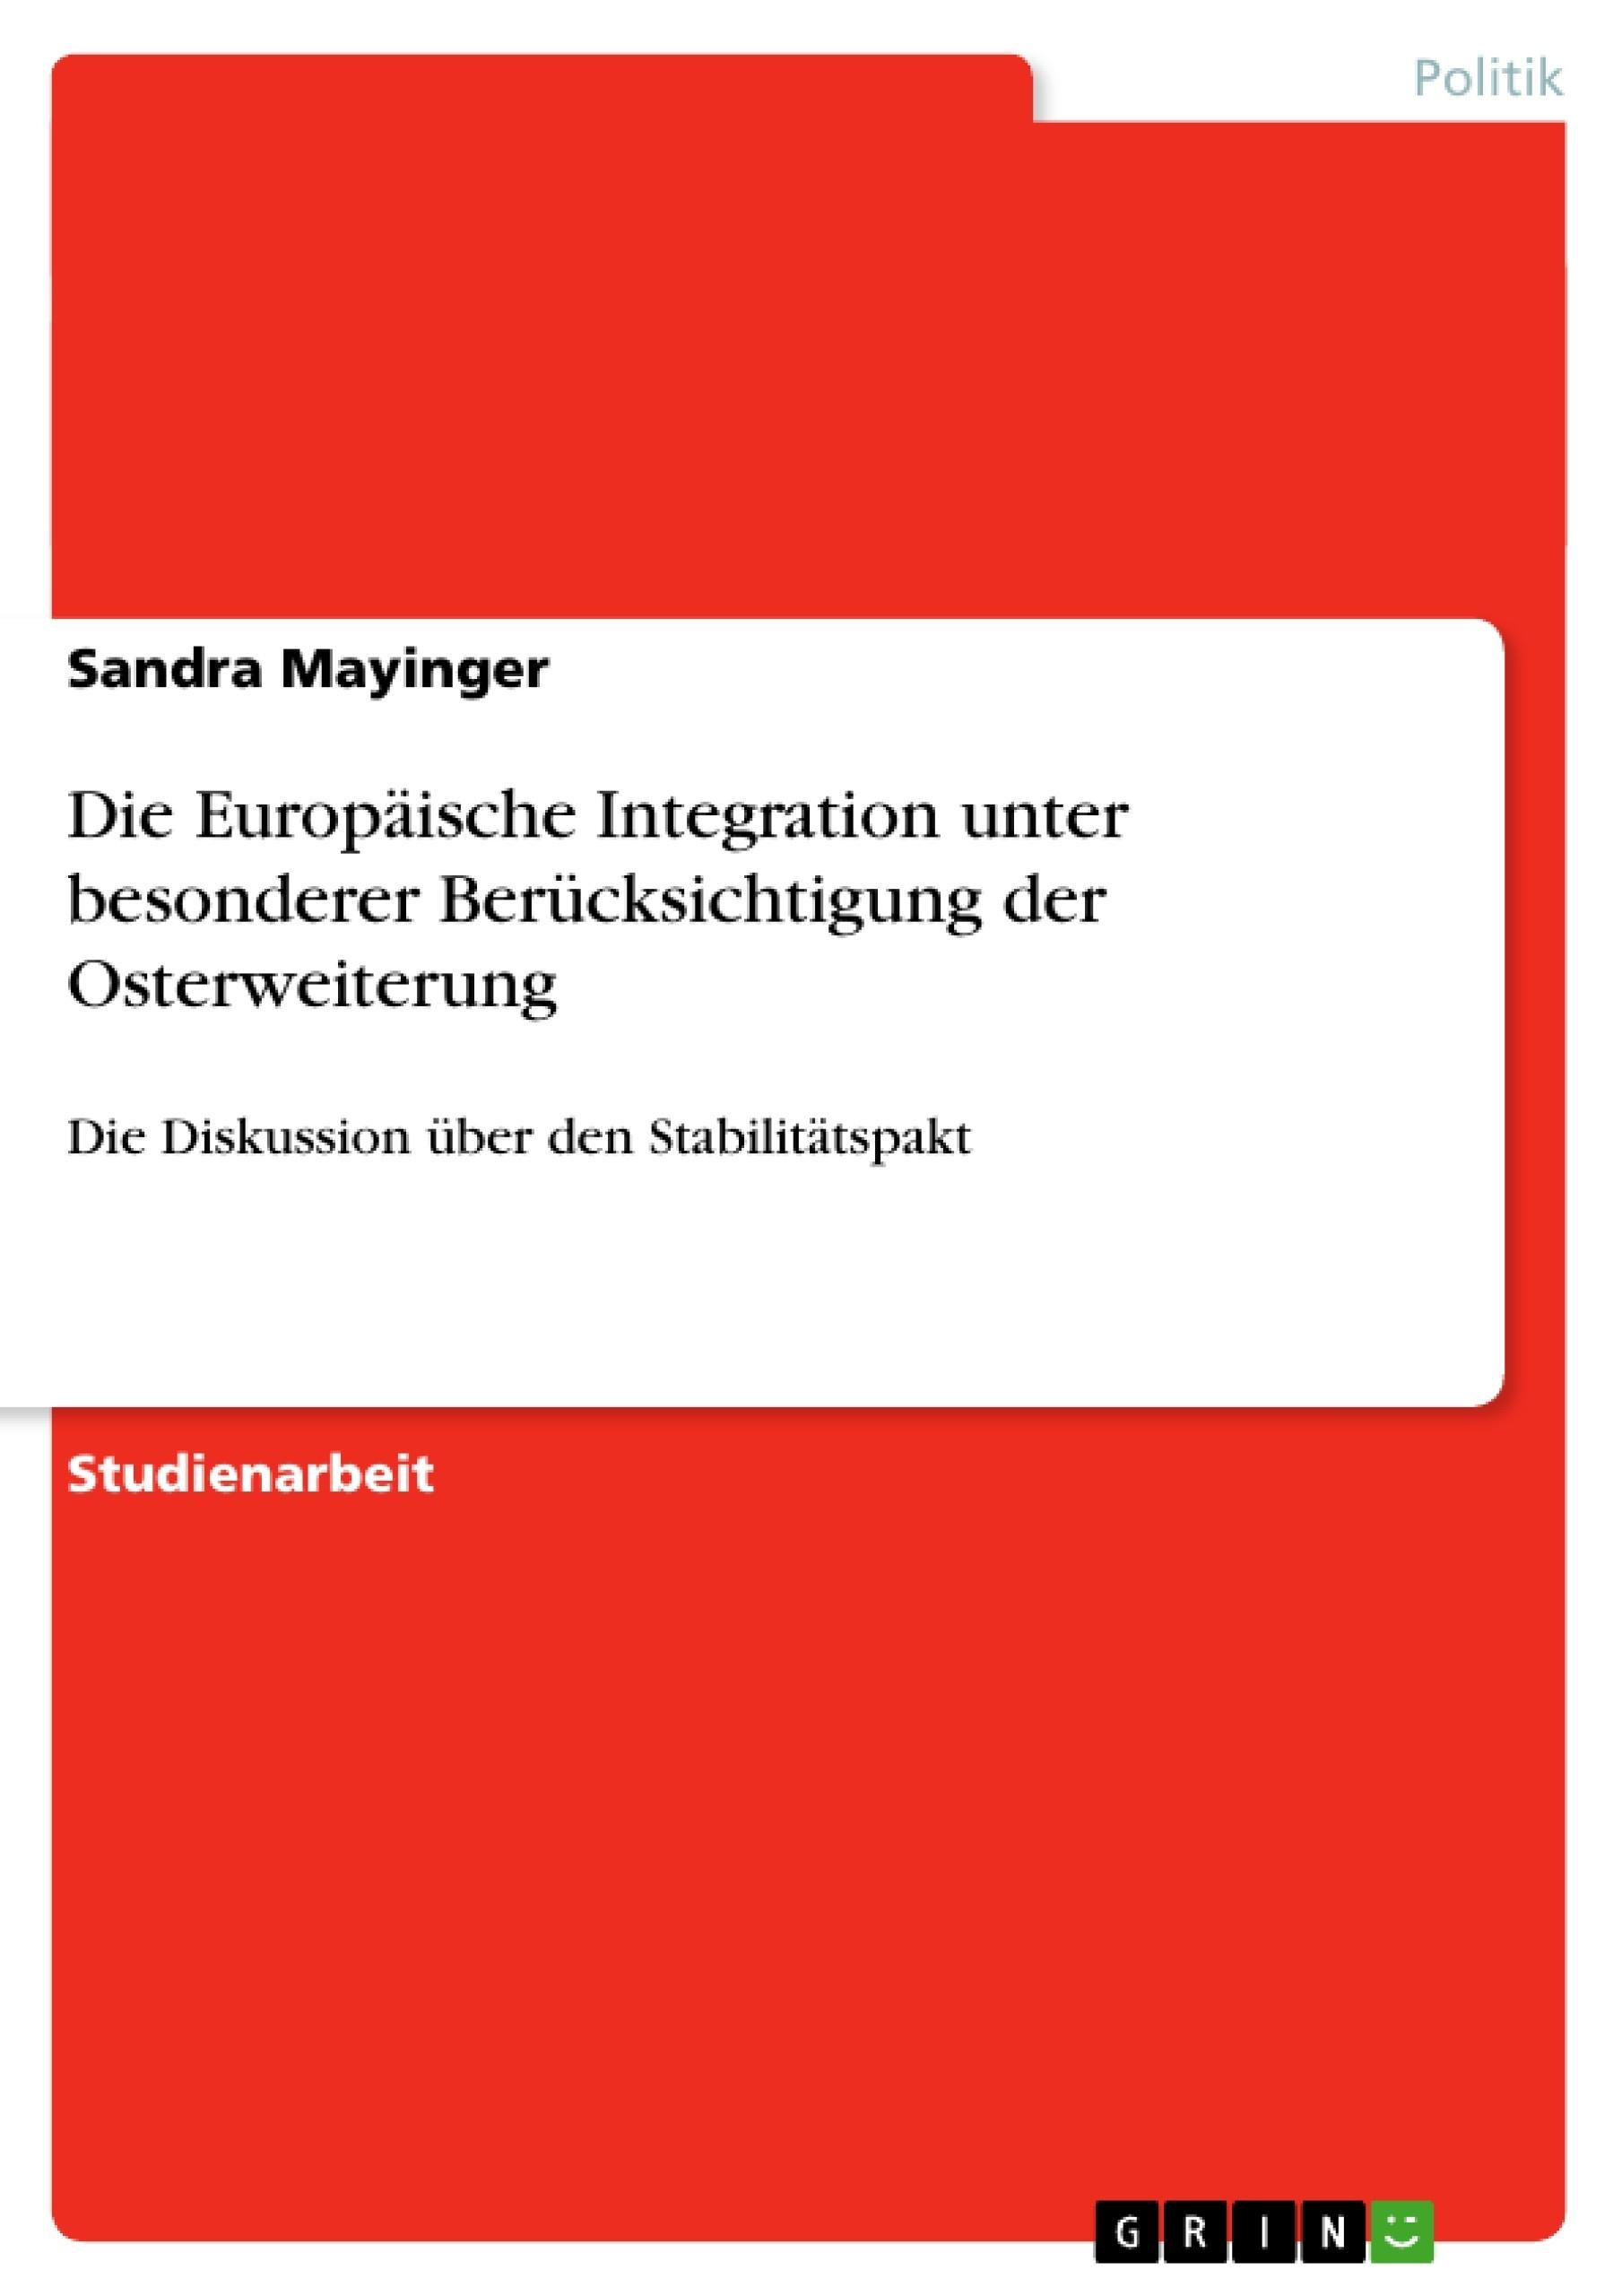 Titel: Die Europäische Integration unter besonderer Berücksichtigung der Osterweiterung